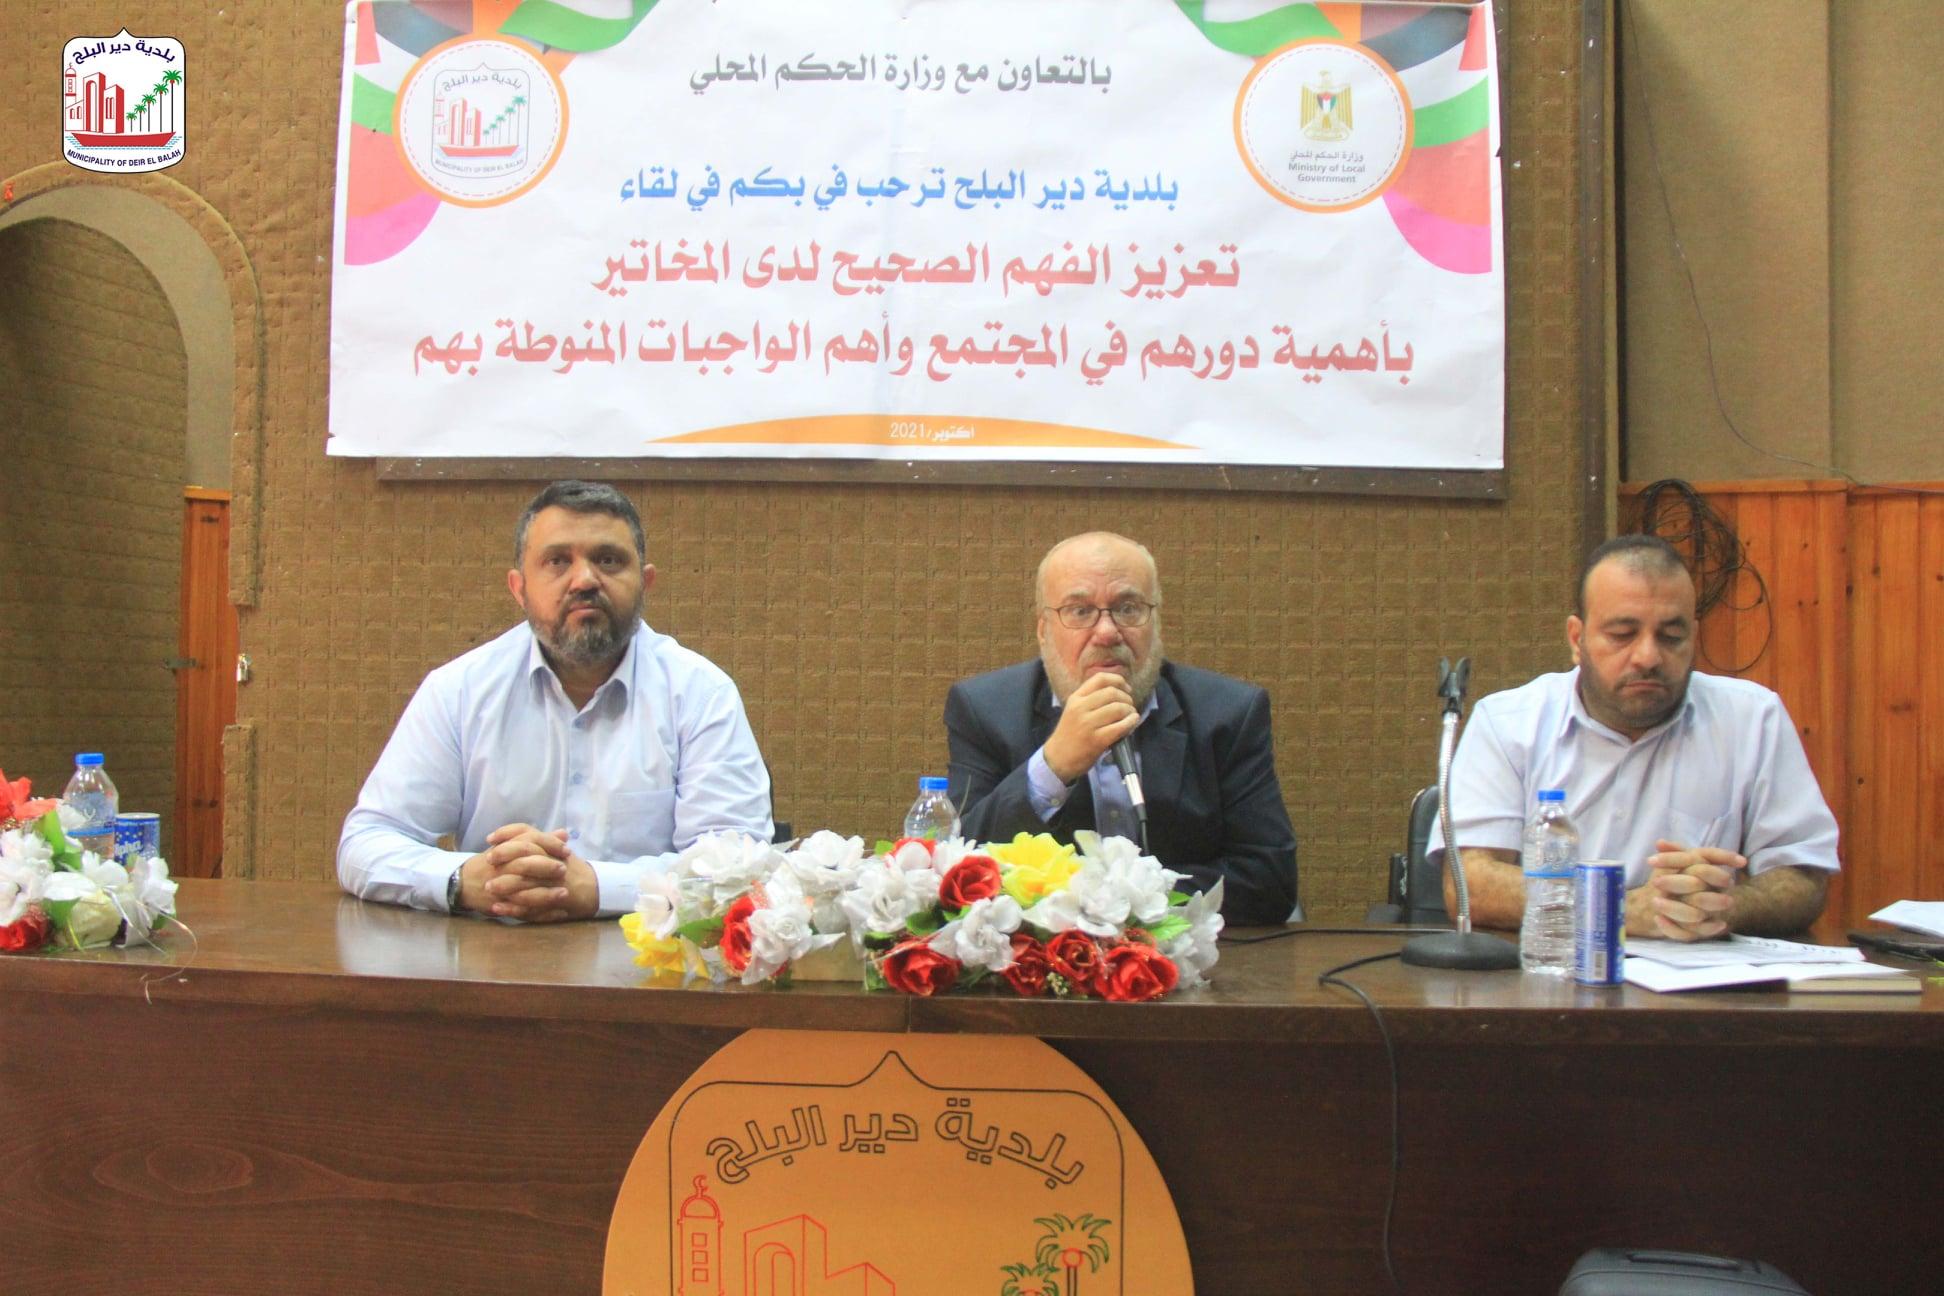 بالتعاون مع بلدية دير البلح: الحكم المحلي تختتم اللقاءات التثقيفية للمخاتير ورجال الاصلاح بالمحافظة الوسطى